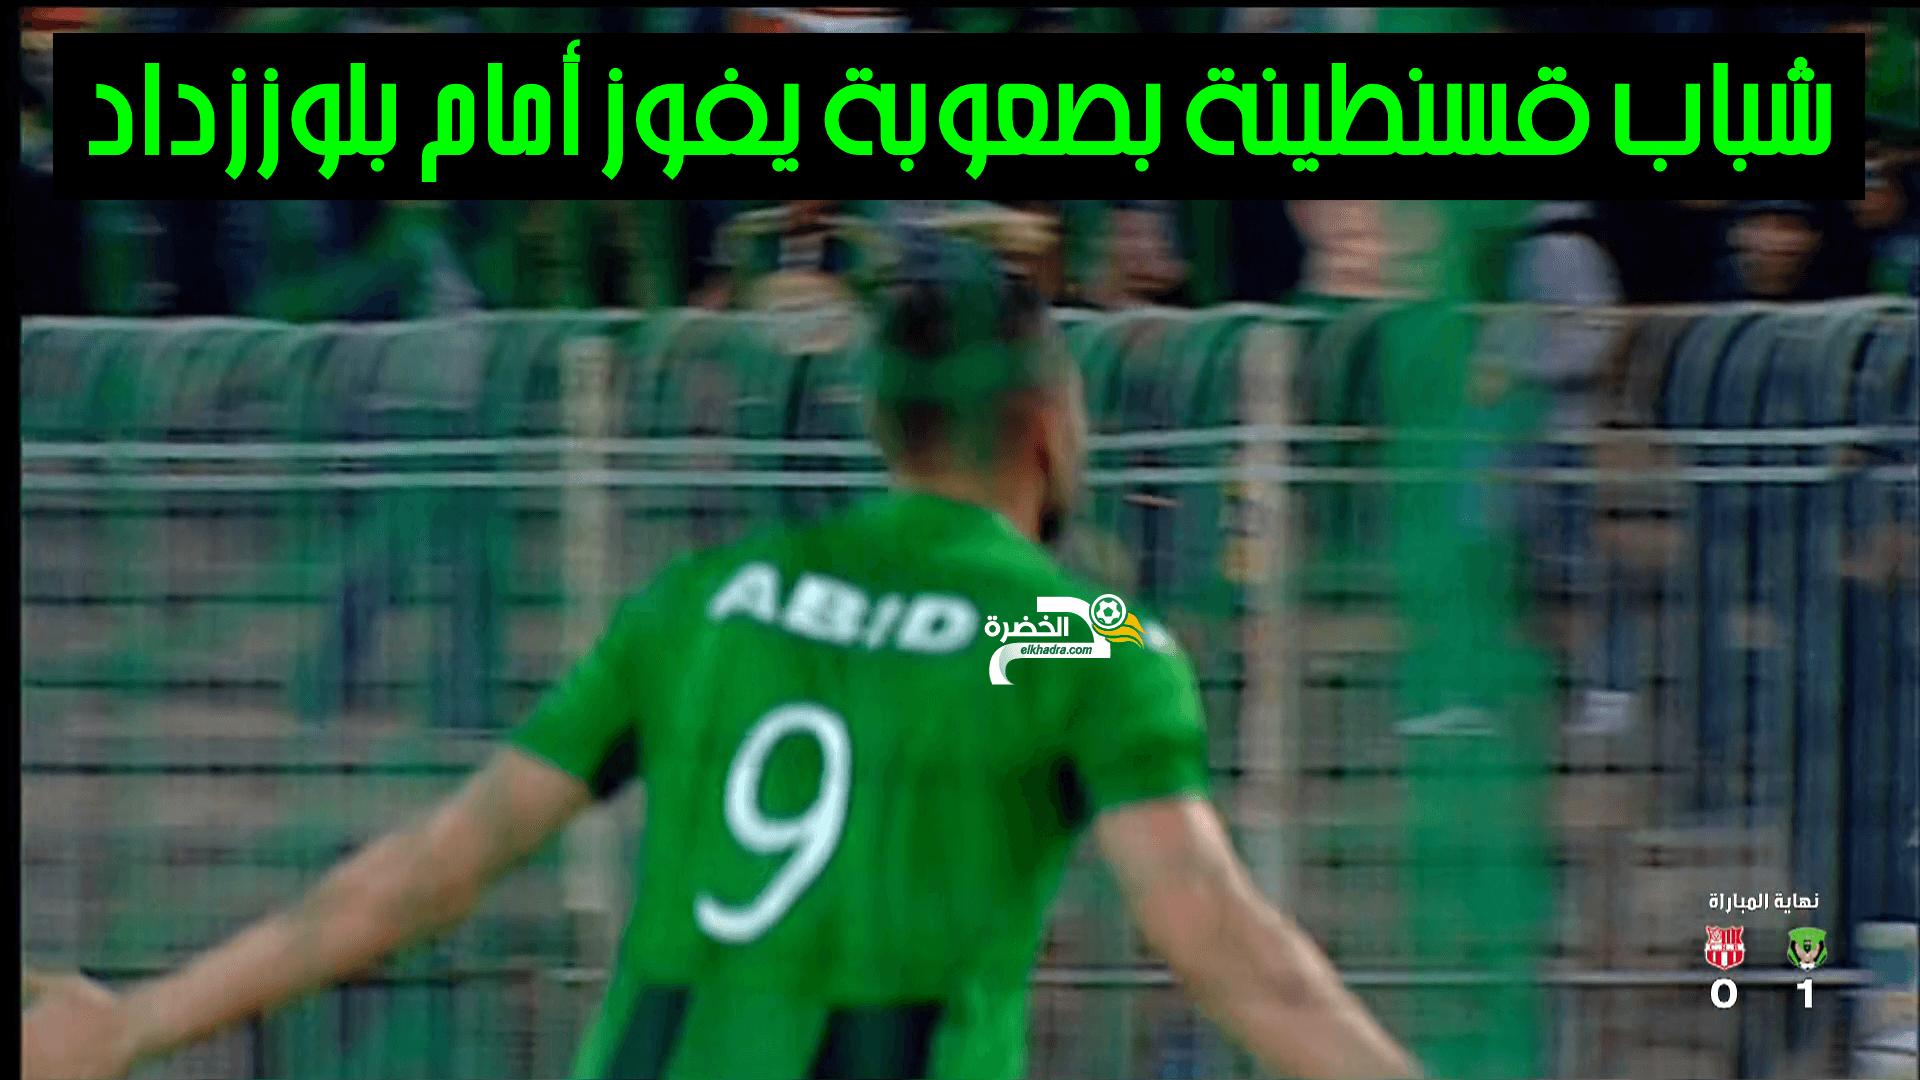 أهداف مباراة شباب قسنطينة ضد شباب بلوزداد CSC 1 VS 0 CRB 48